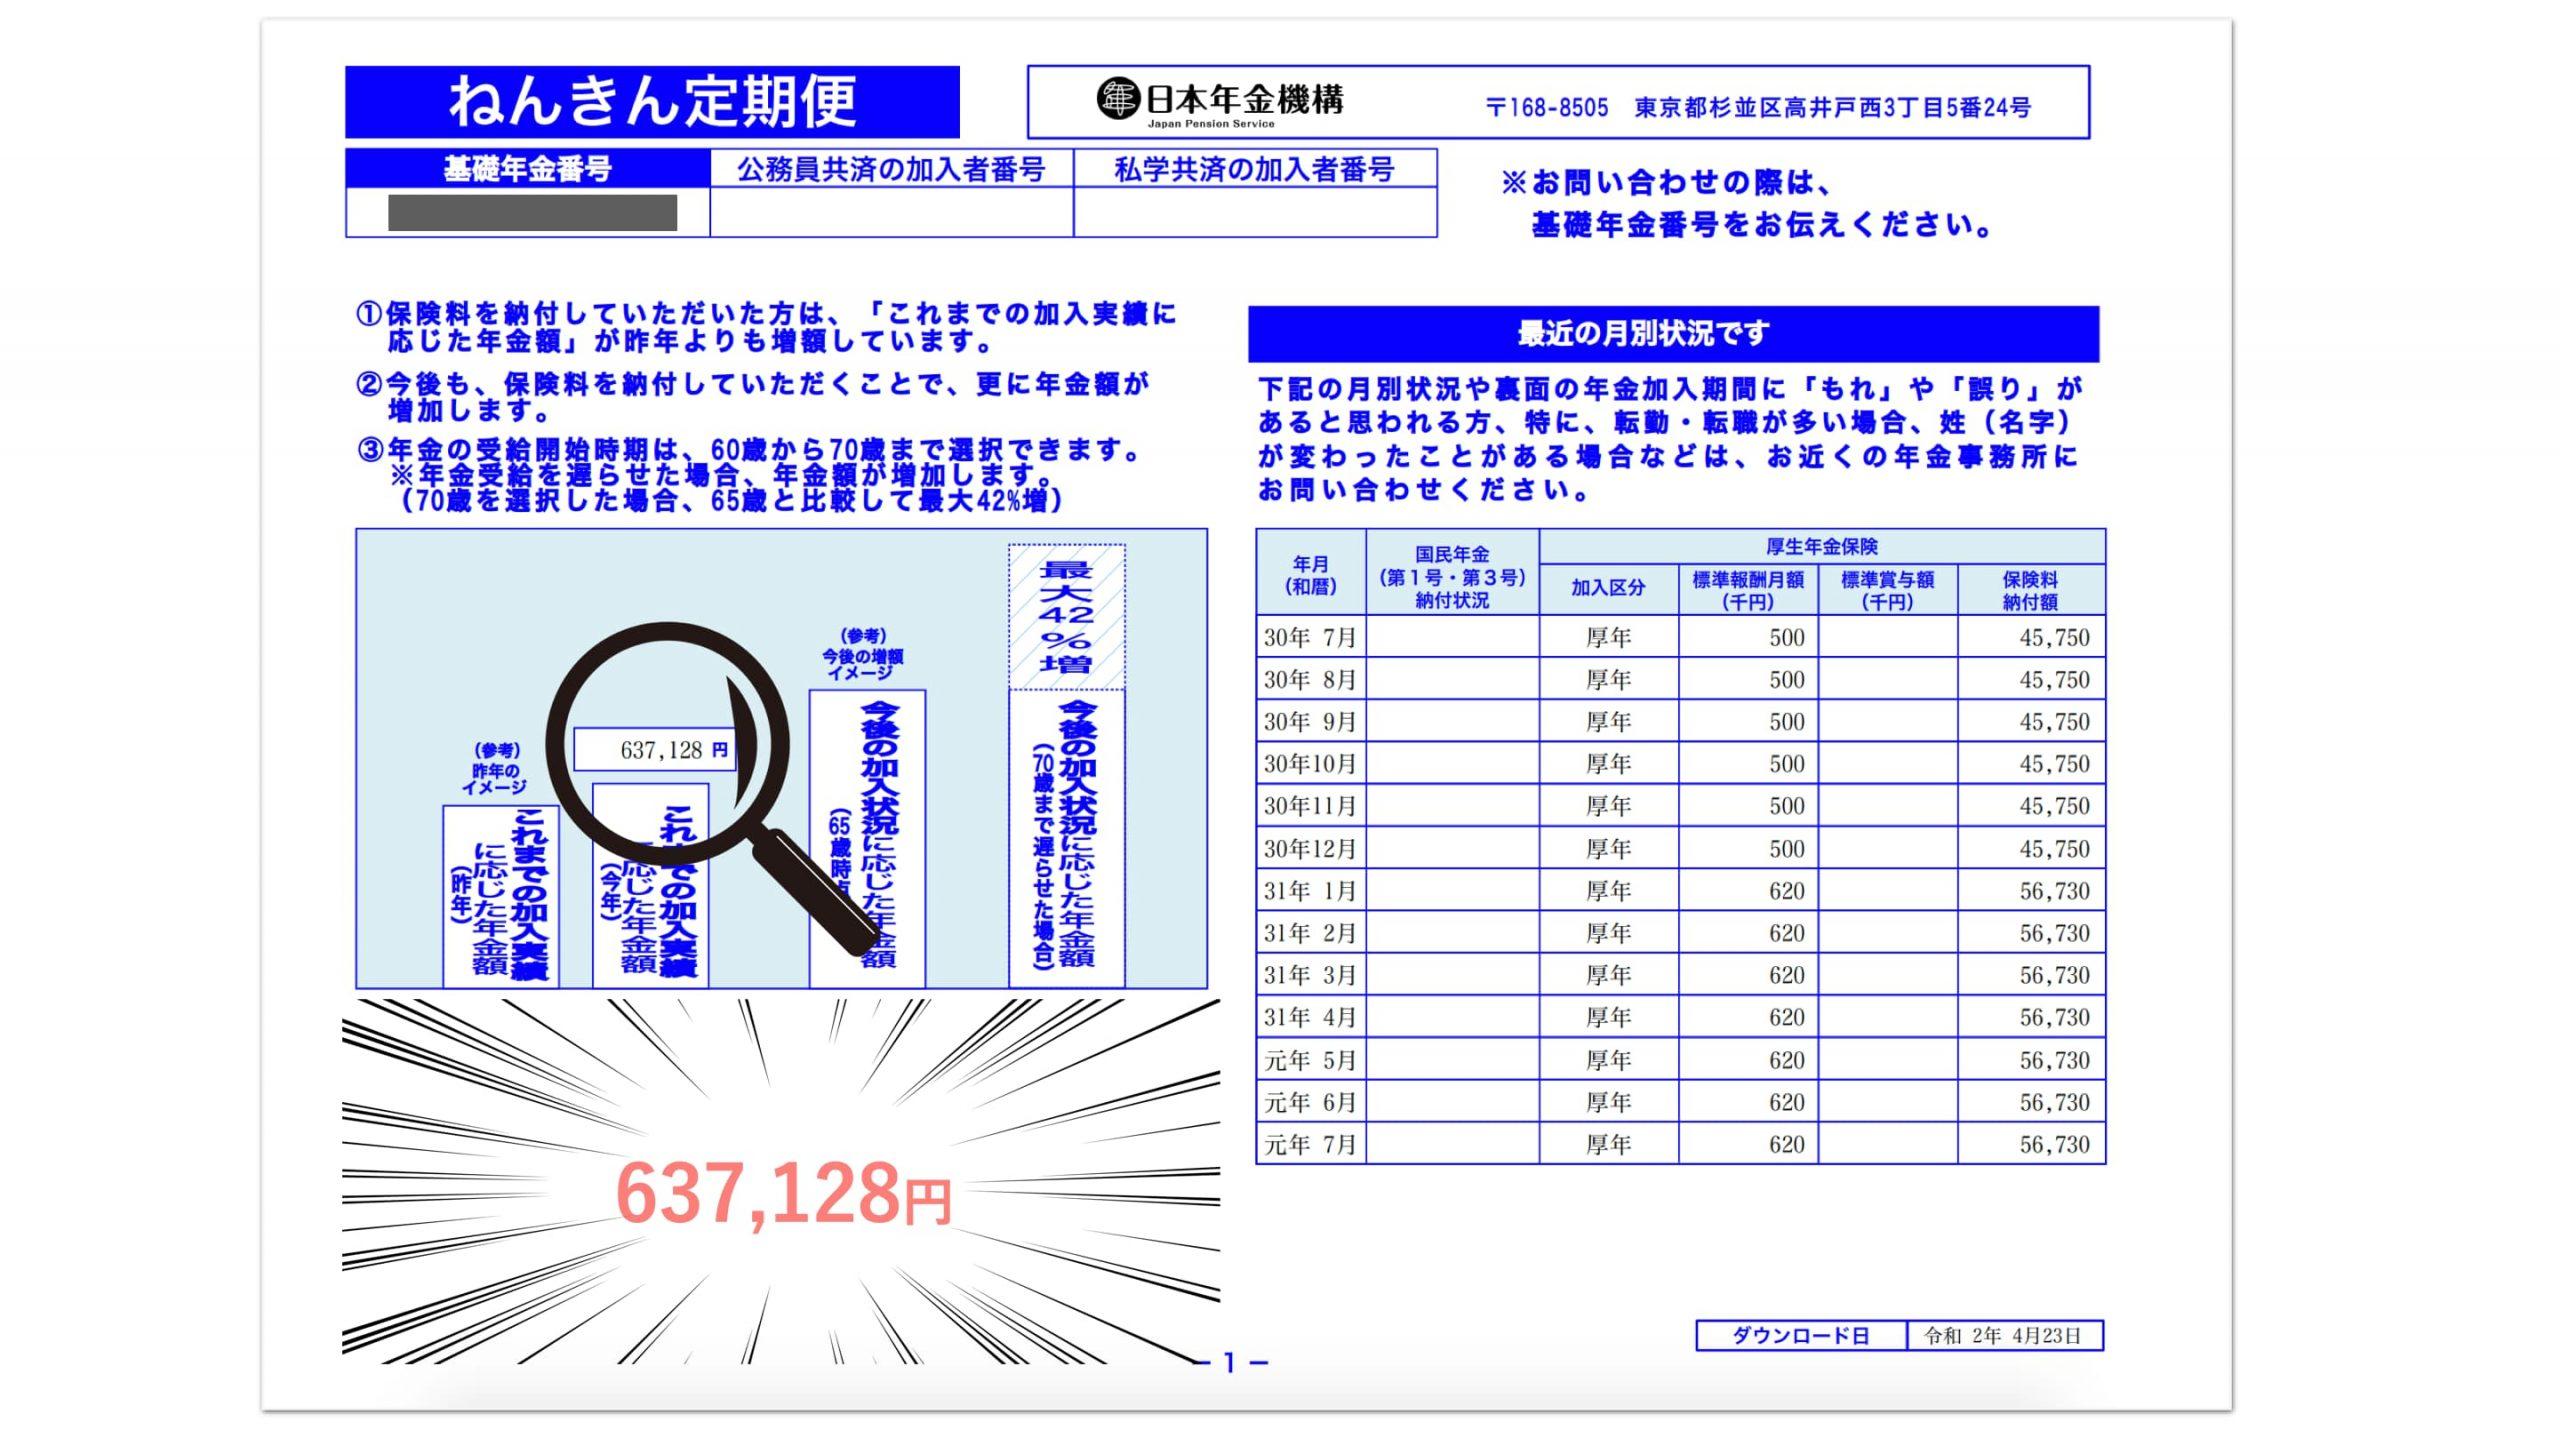 年金 定期 便 ねんきん定期便関係|日本年金機構